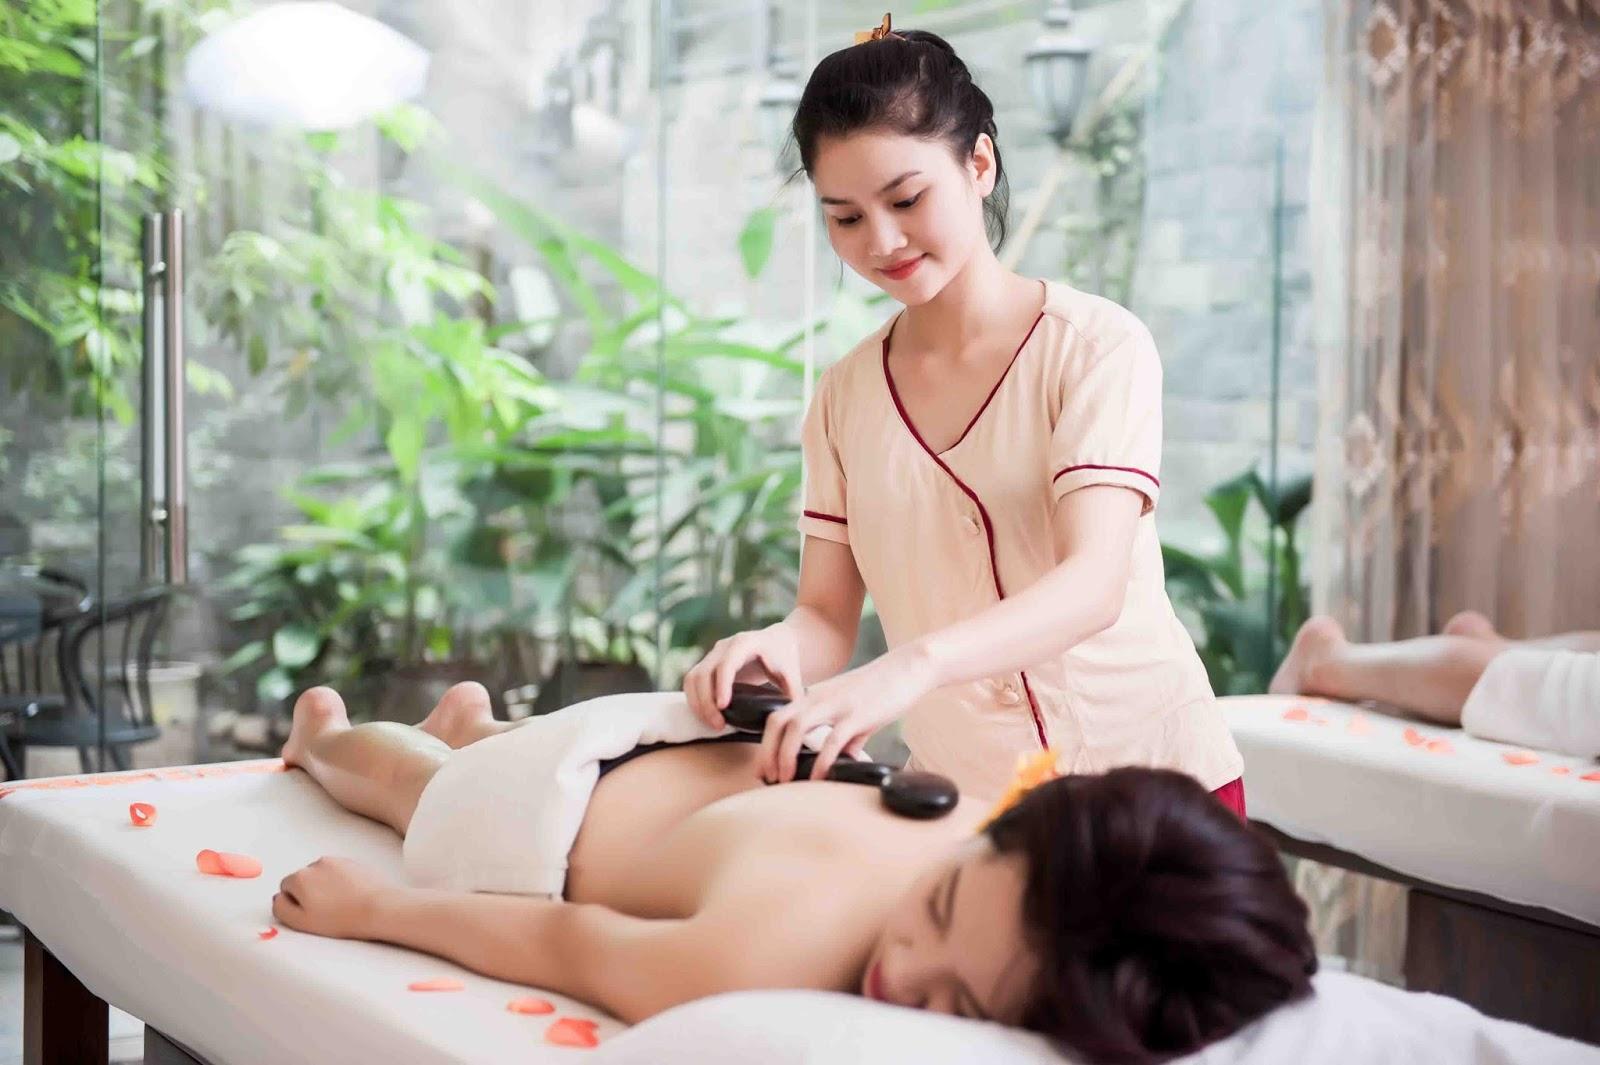 Massage body chuyên nghiệp: Đâu là địa chỉ massage body tốt nhất Hà Nội